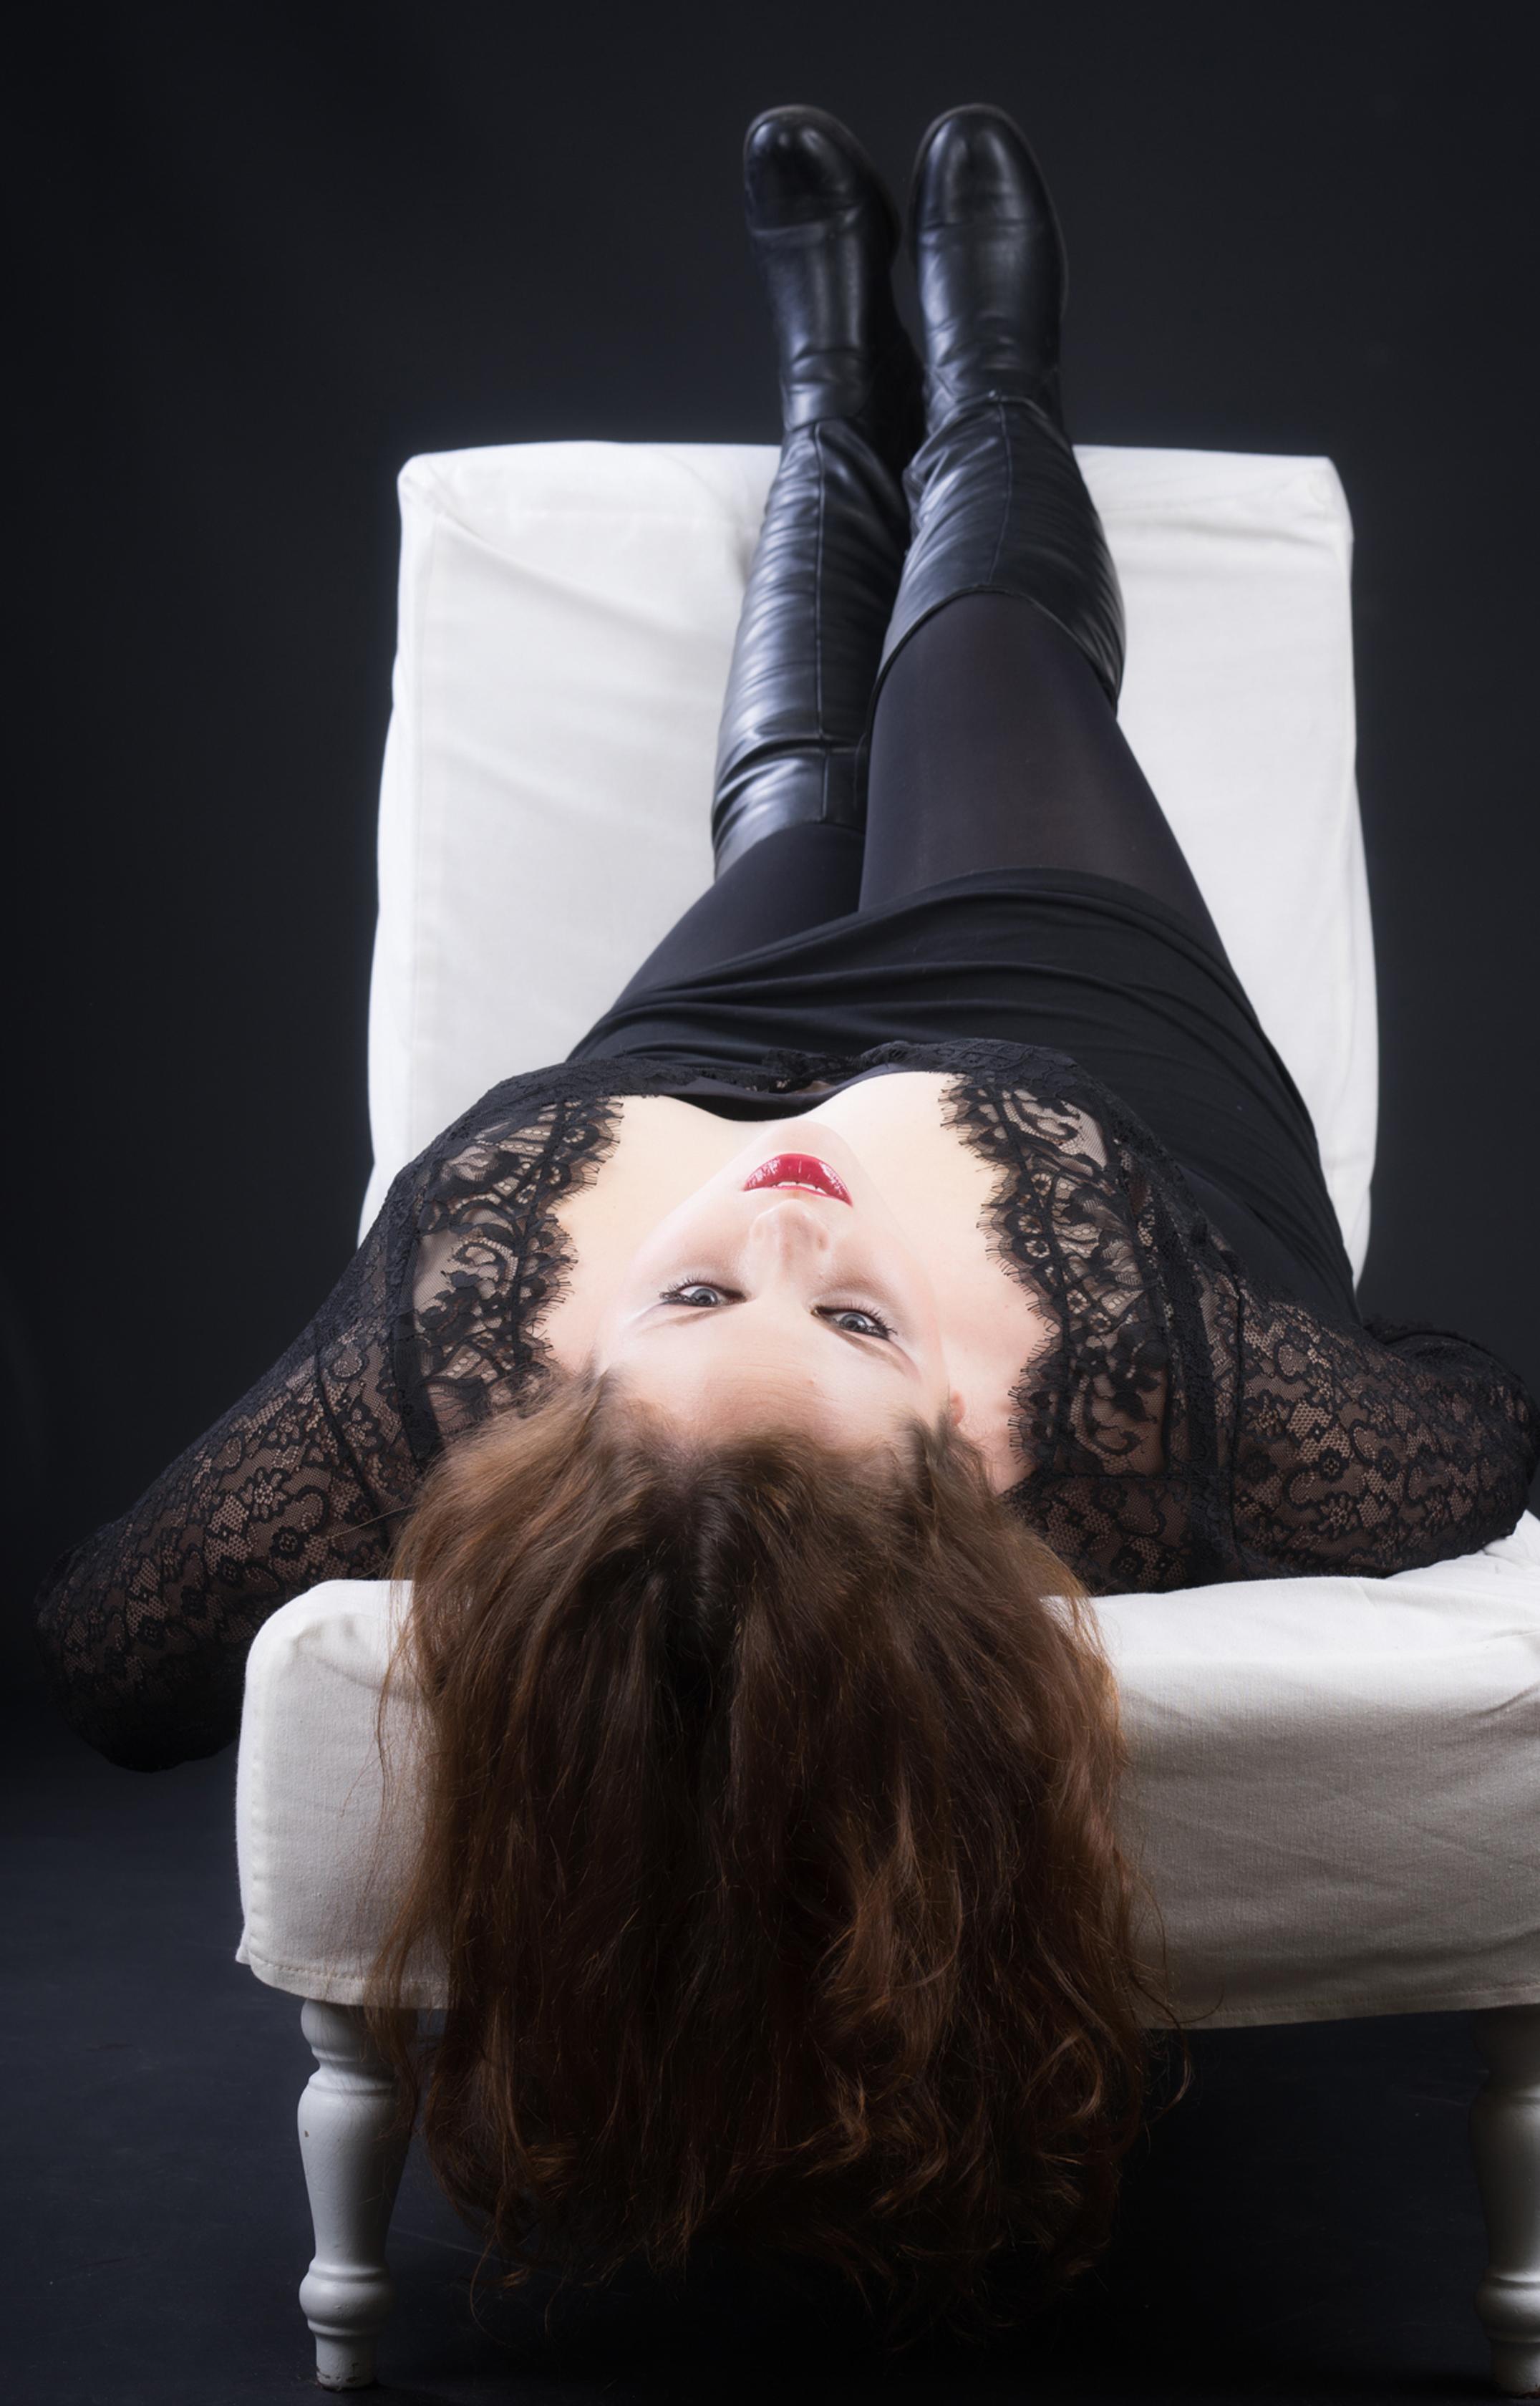 Mujeres XL, como Mari Paz Muñoz, impulsan sus carreras como modelos en plataformas como Instagram o Facebook.